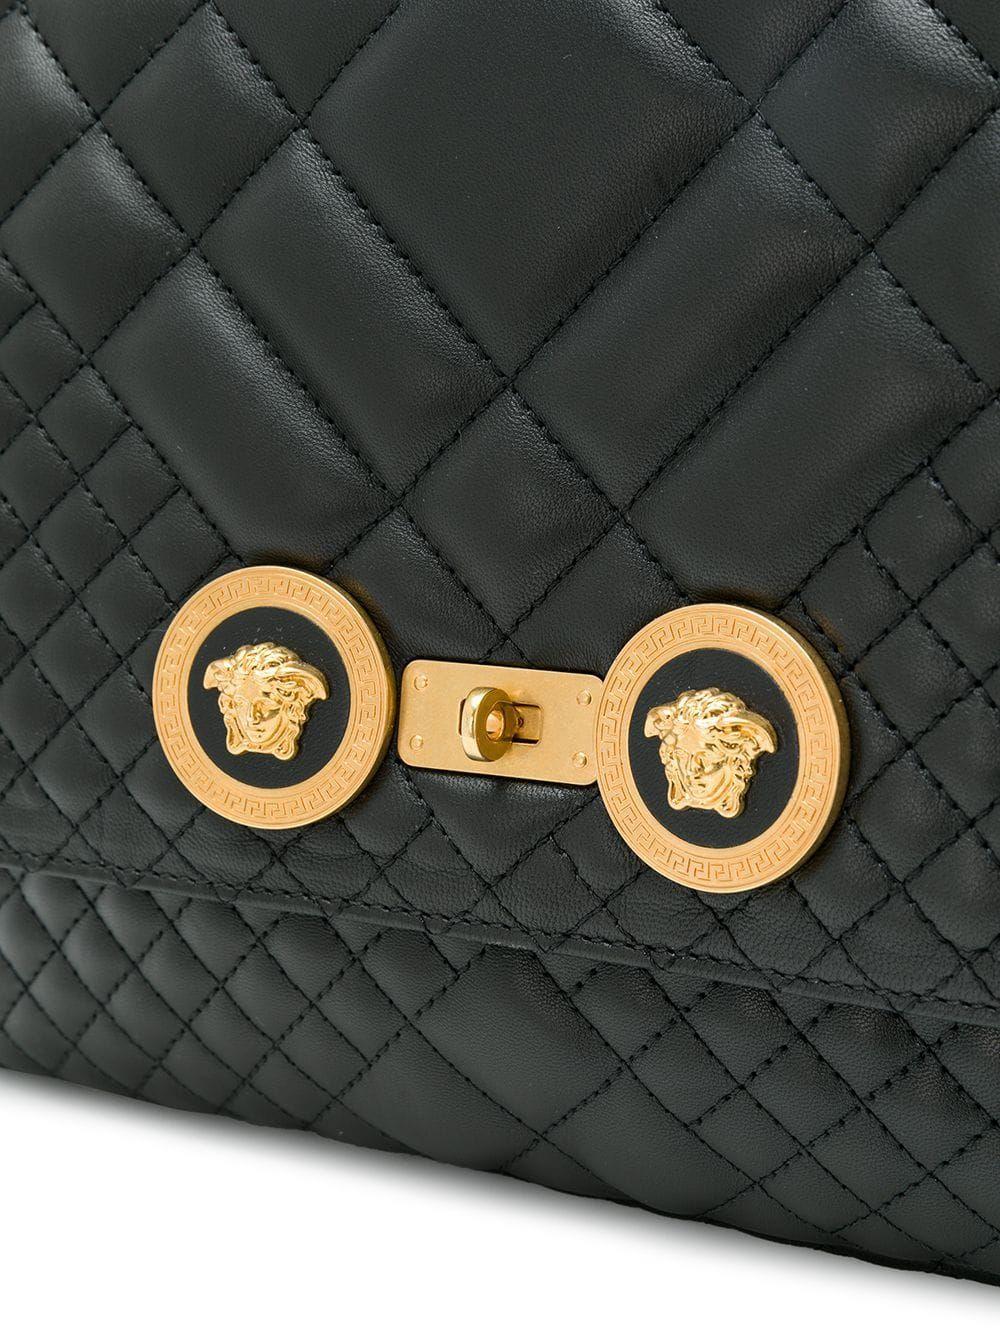 VERSACE WOMEN'S DBFG477DNATR2K41OT BLACK LEATHER SHOULDER BAG